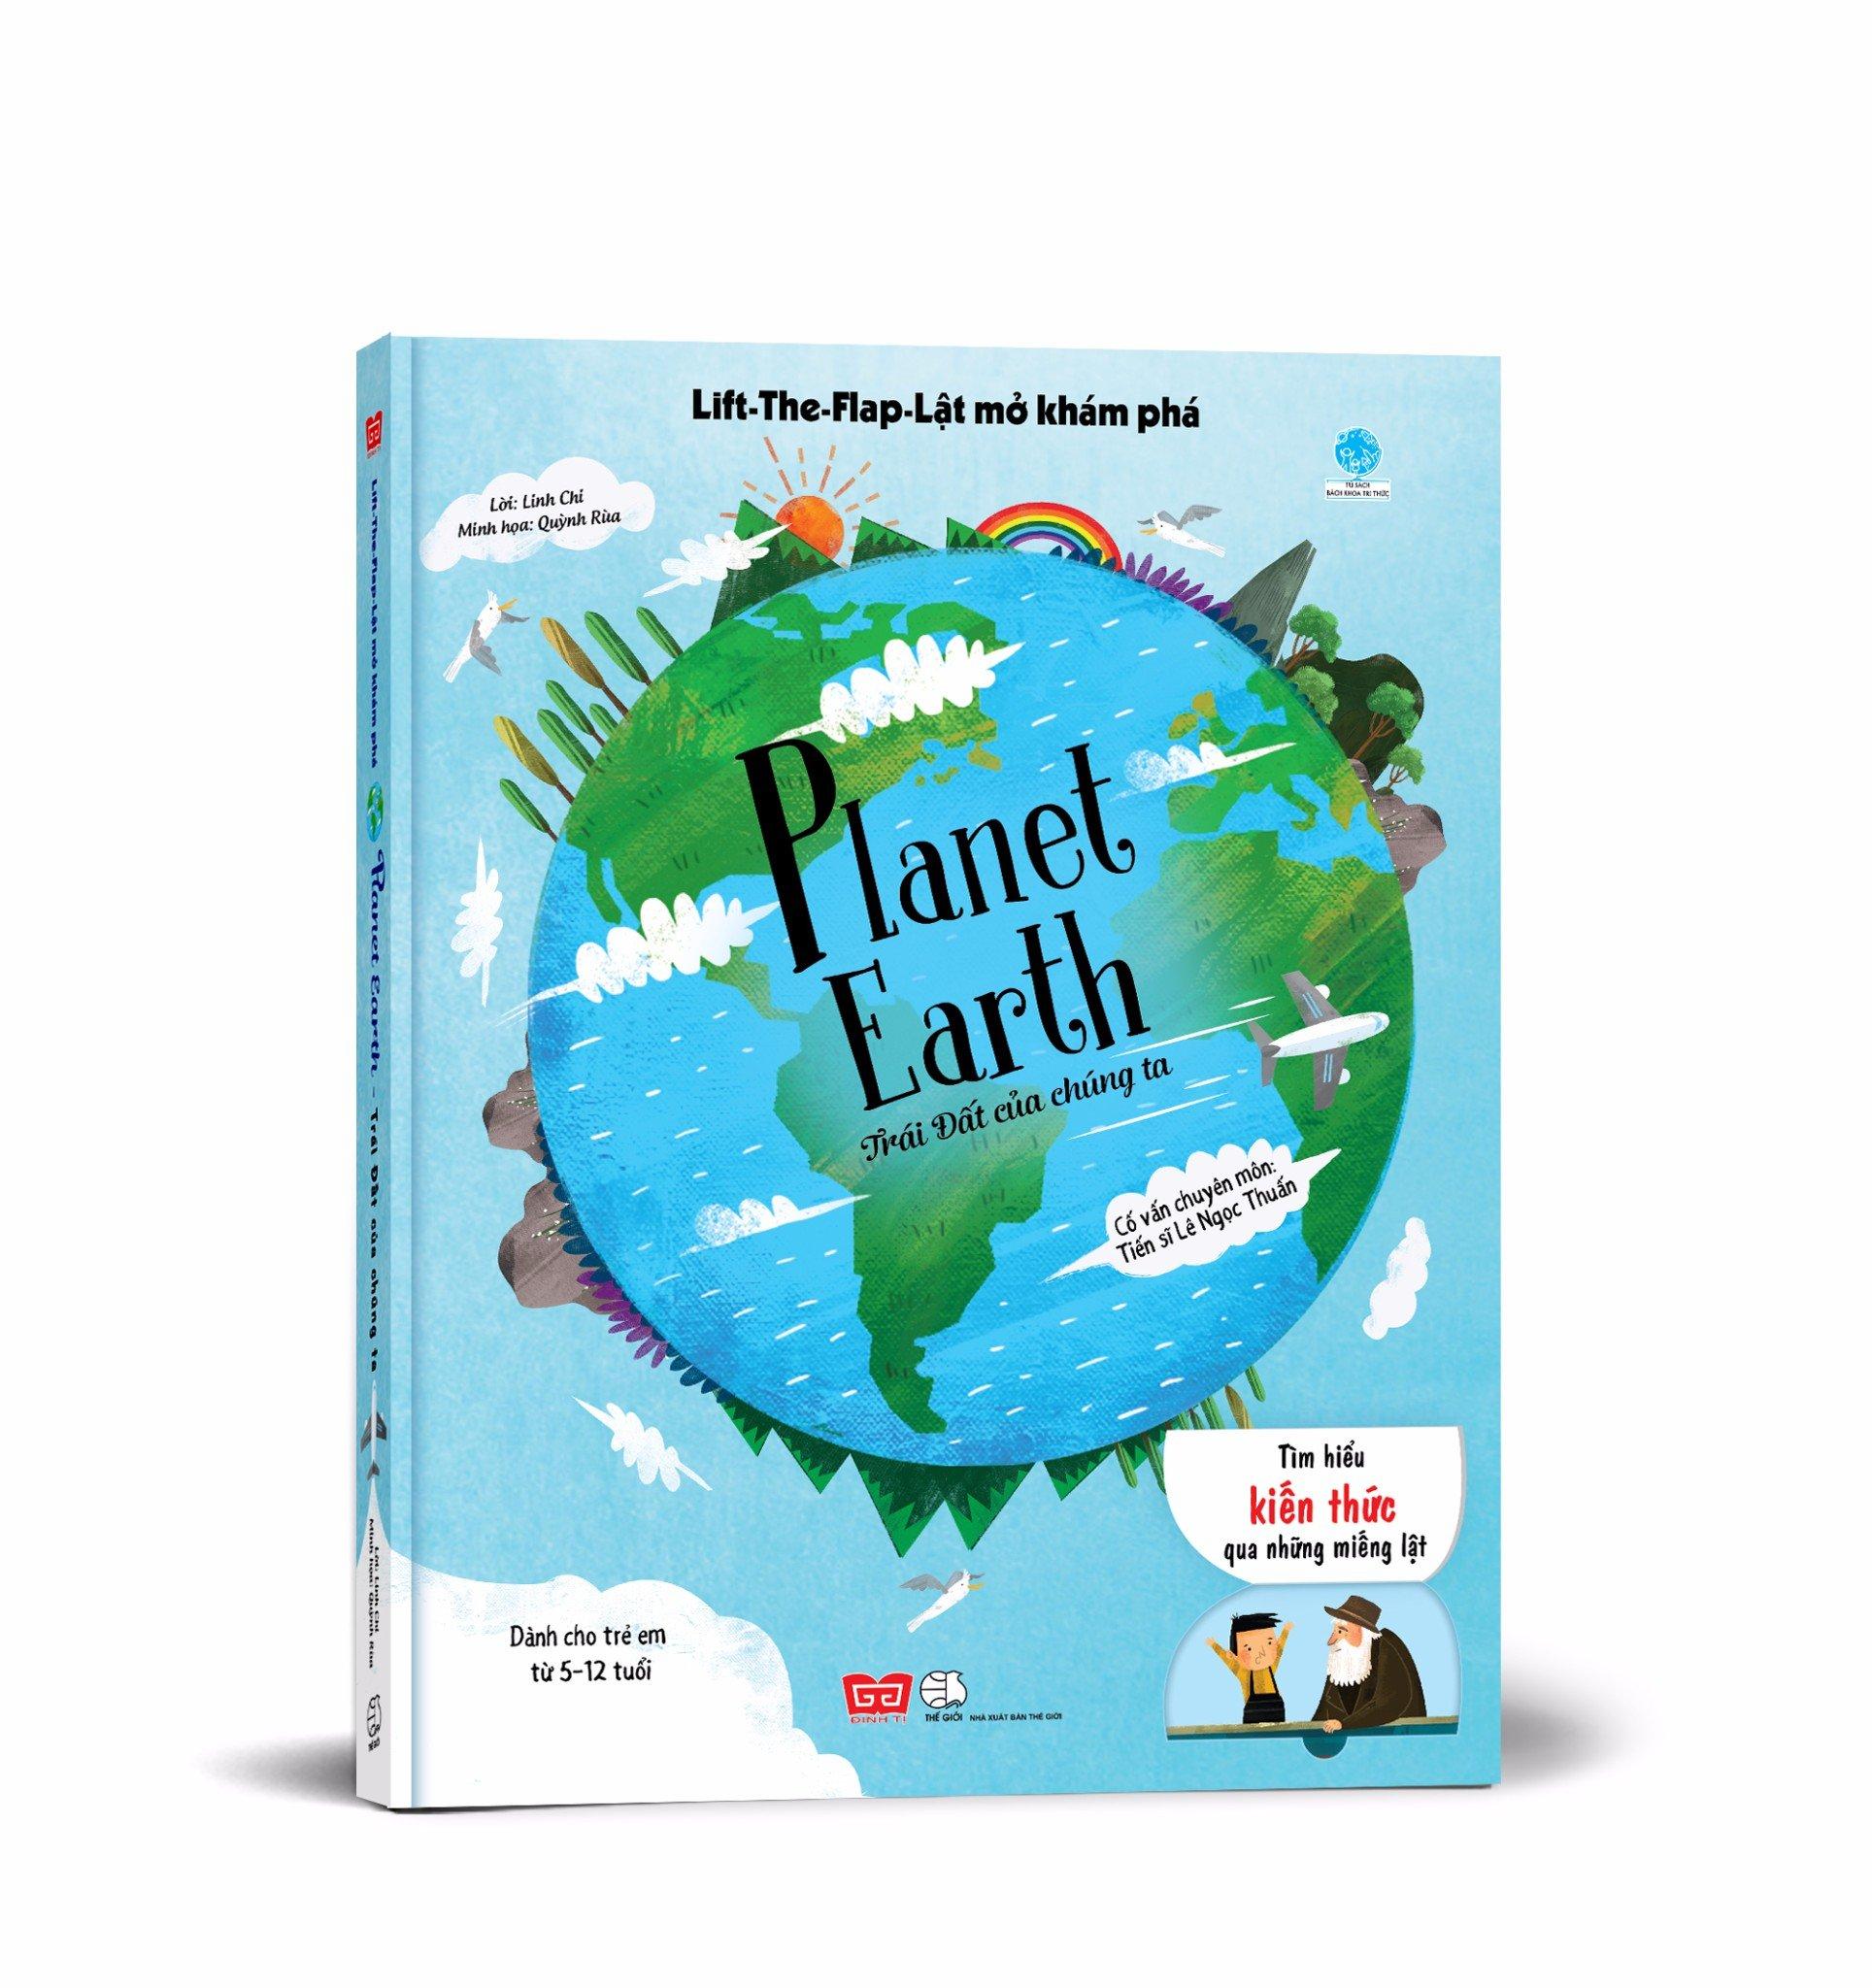 Sách tương tác - Lift-The-Flap-Lật mở khám phá - Planet Earth - Trái Đất của chúng ta